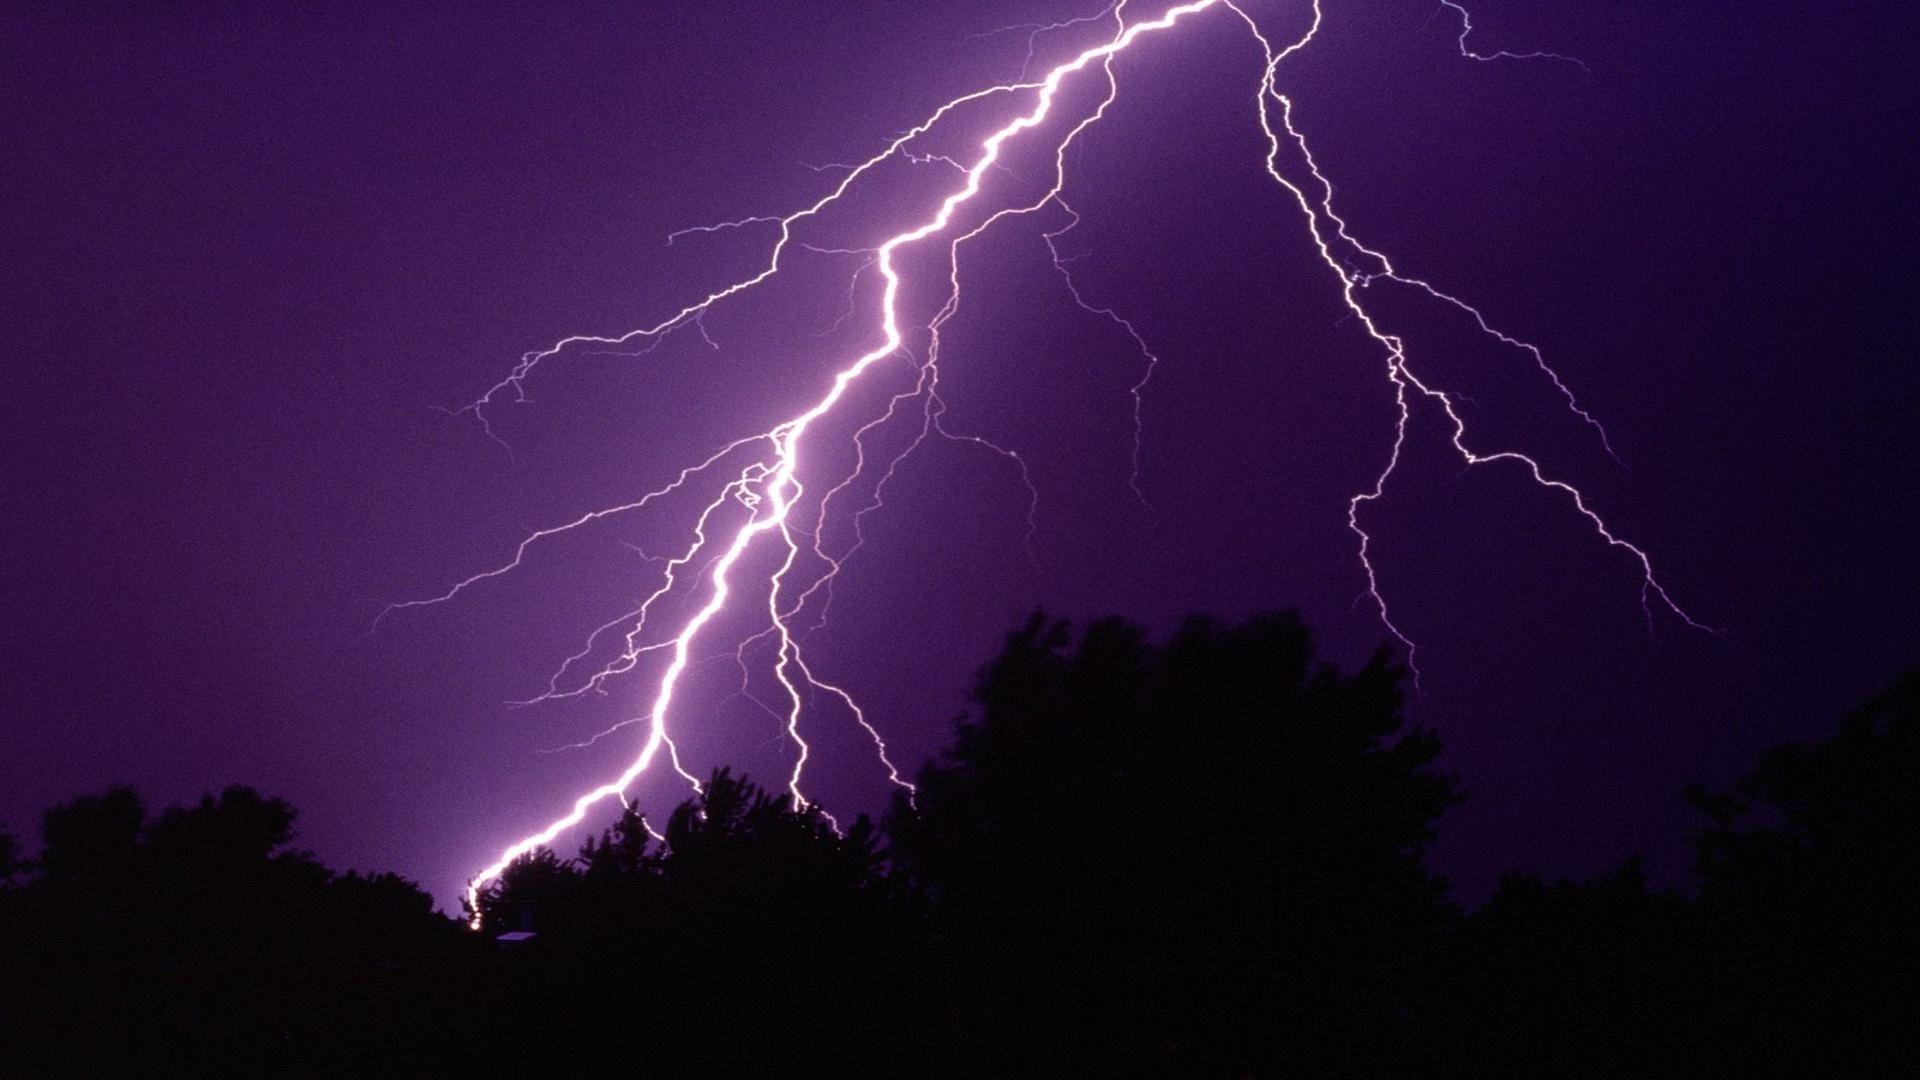 Lightning Bolt full hd 1080p wallpaper